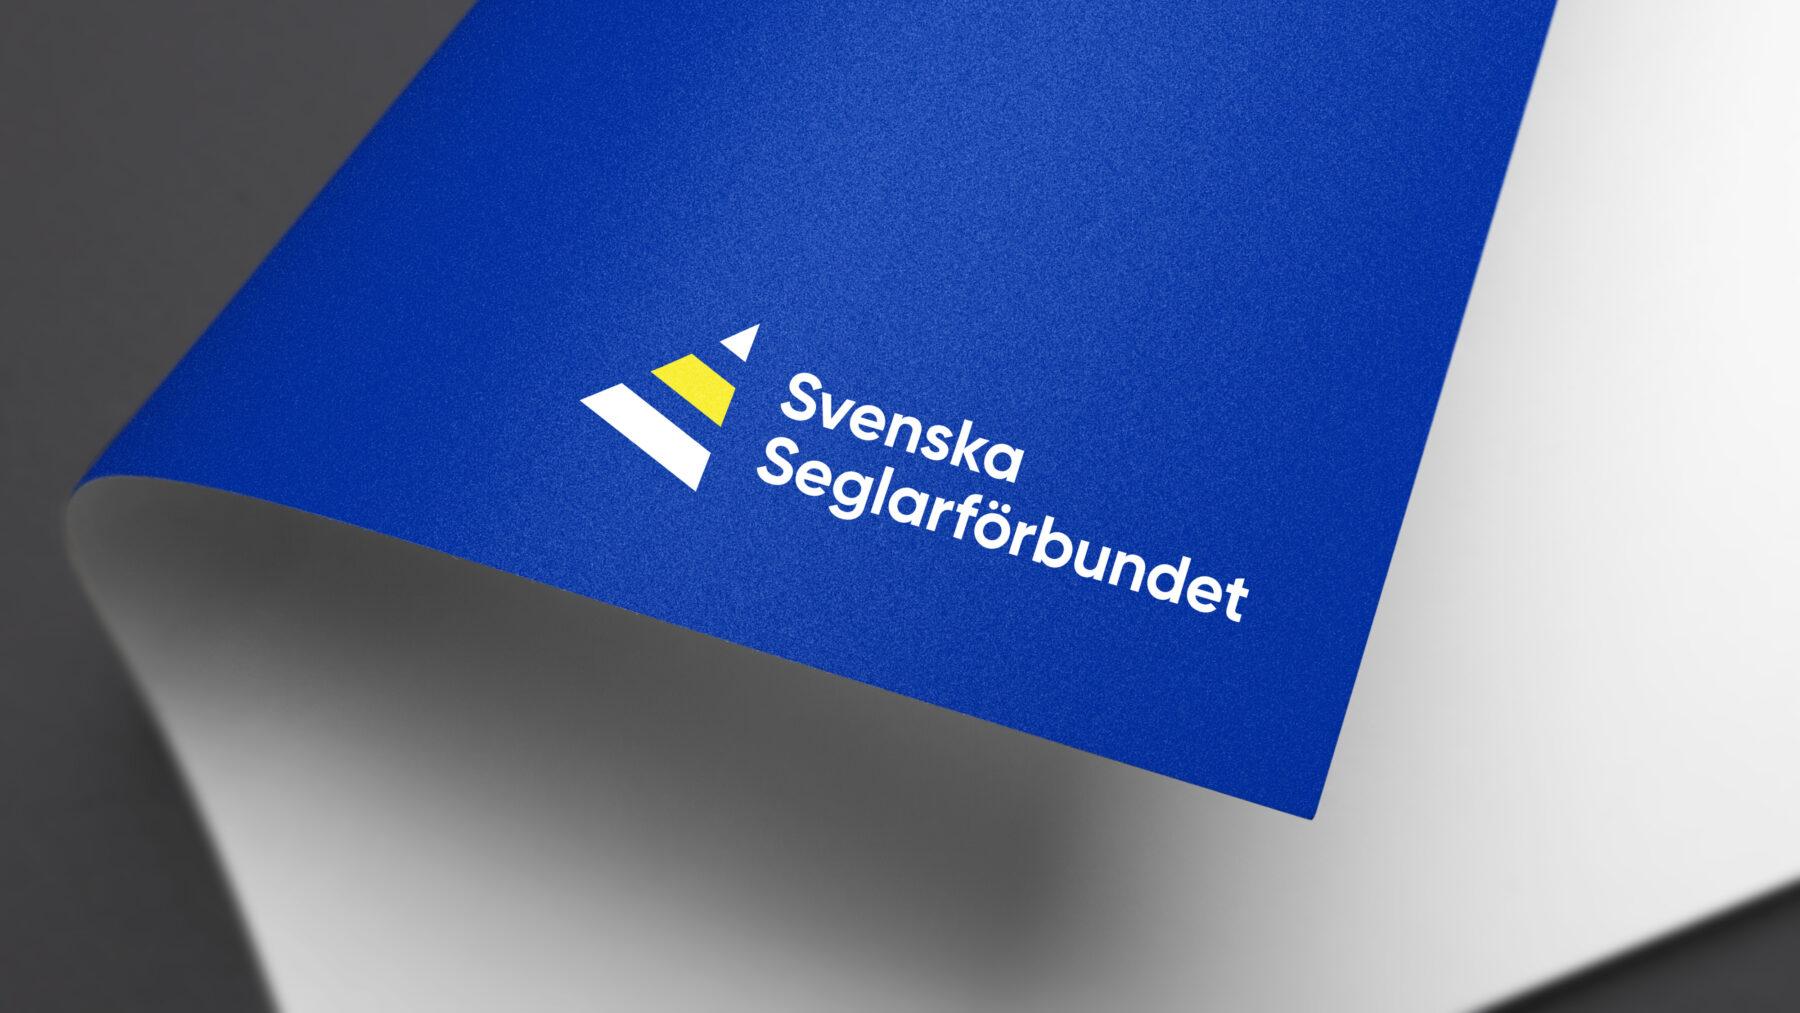 Seglarförbundet - logotyp applicerad